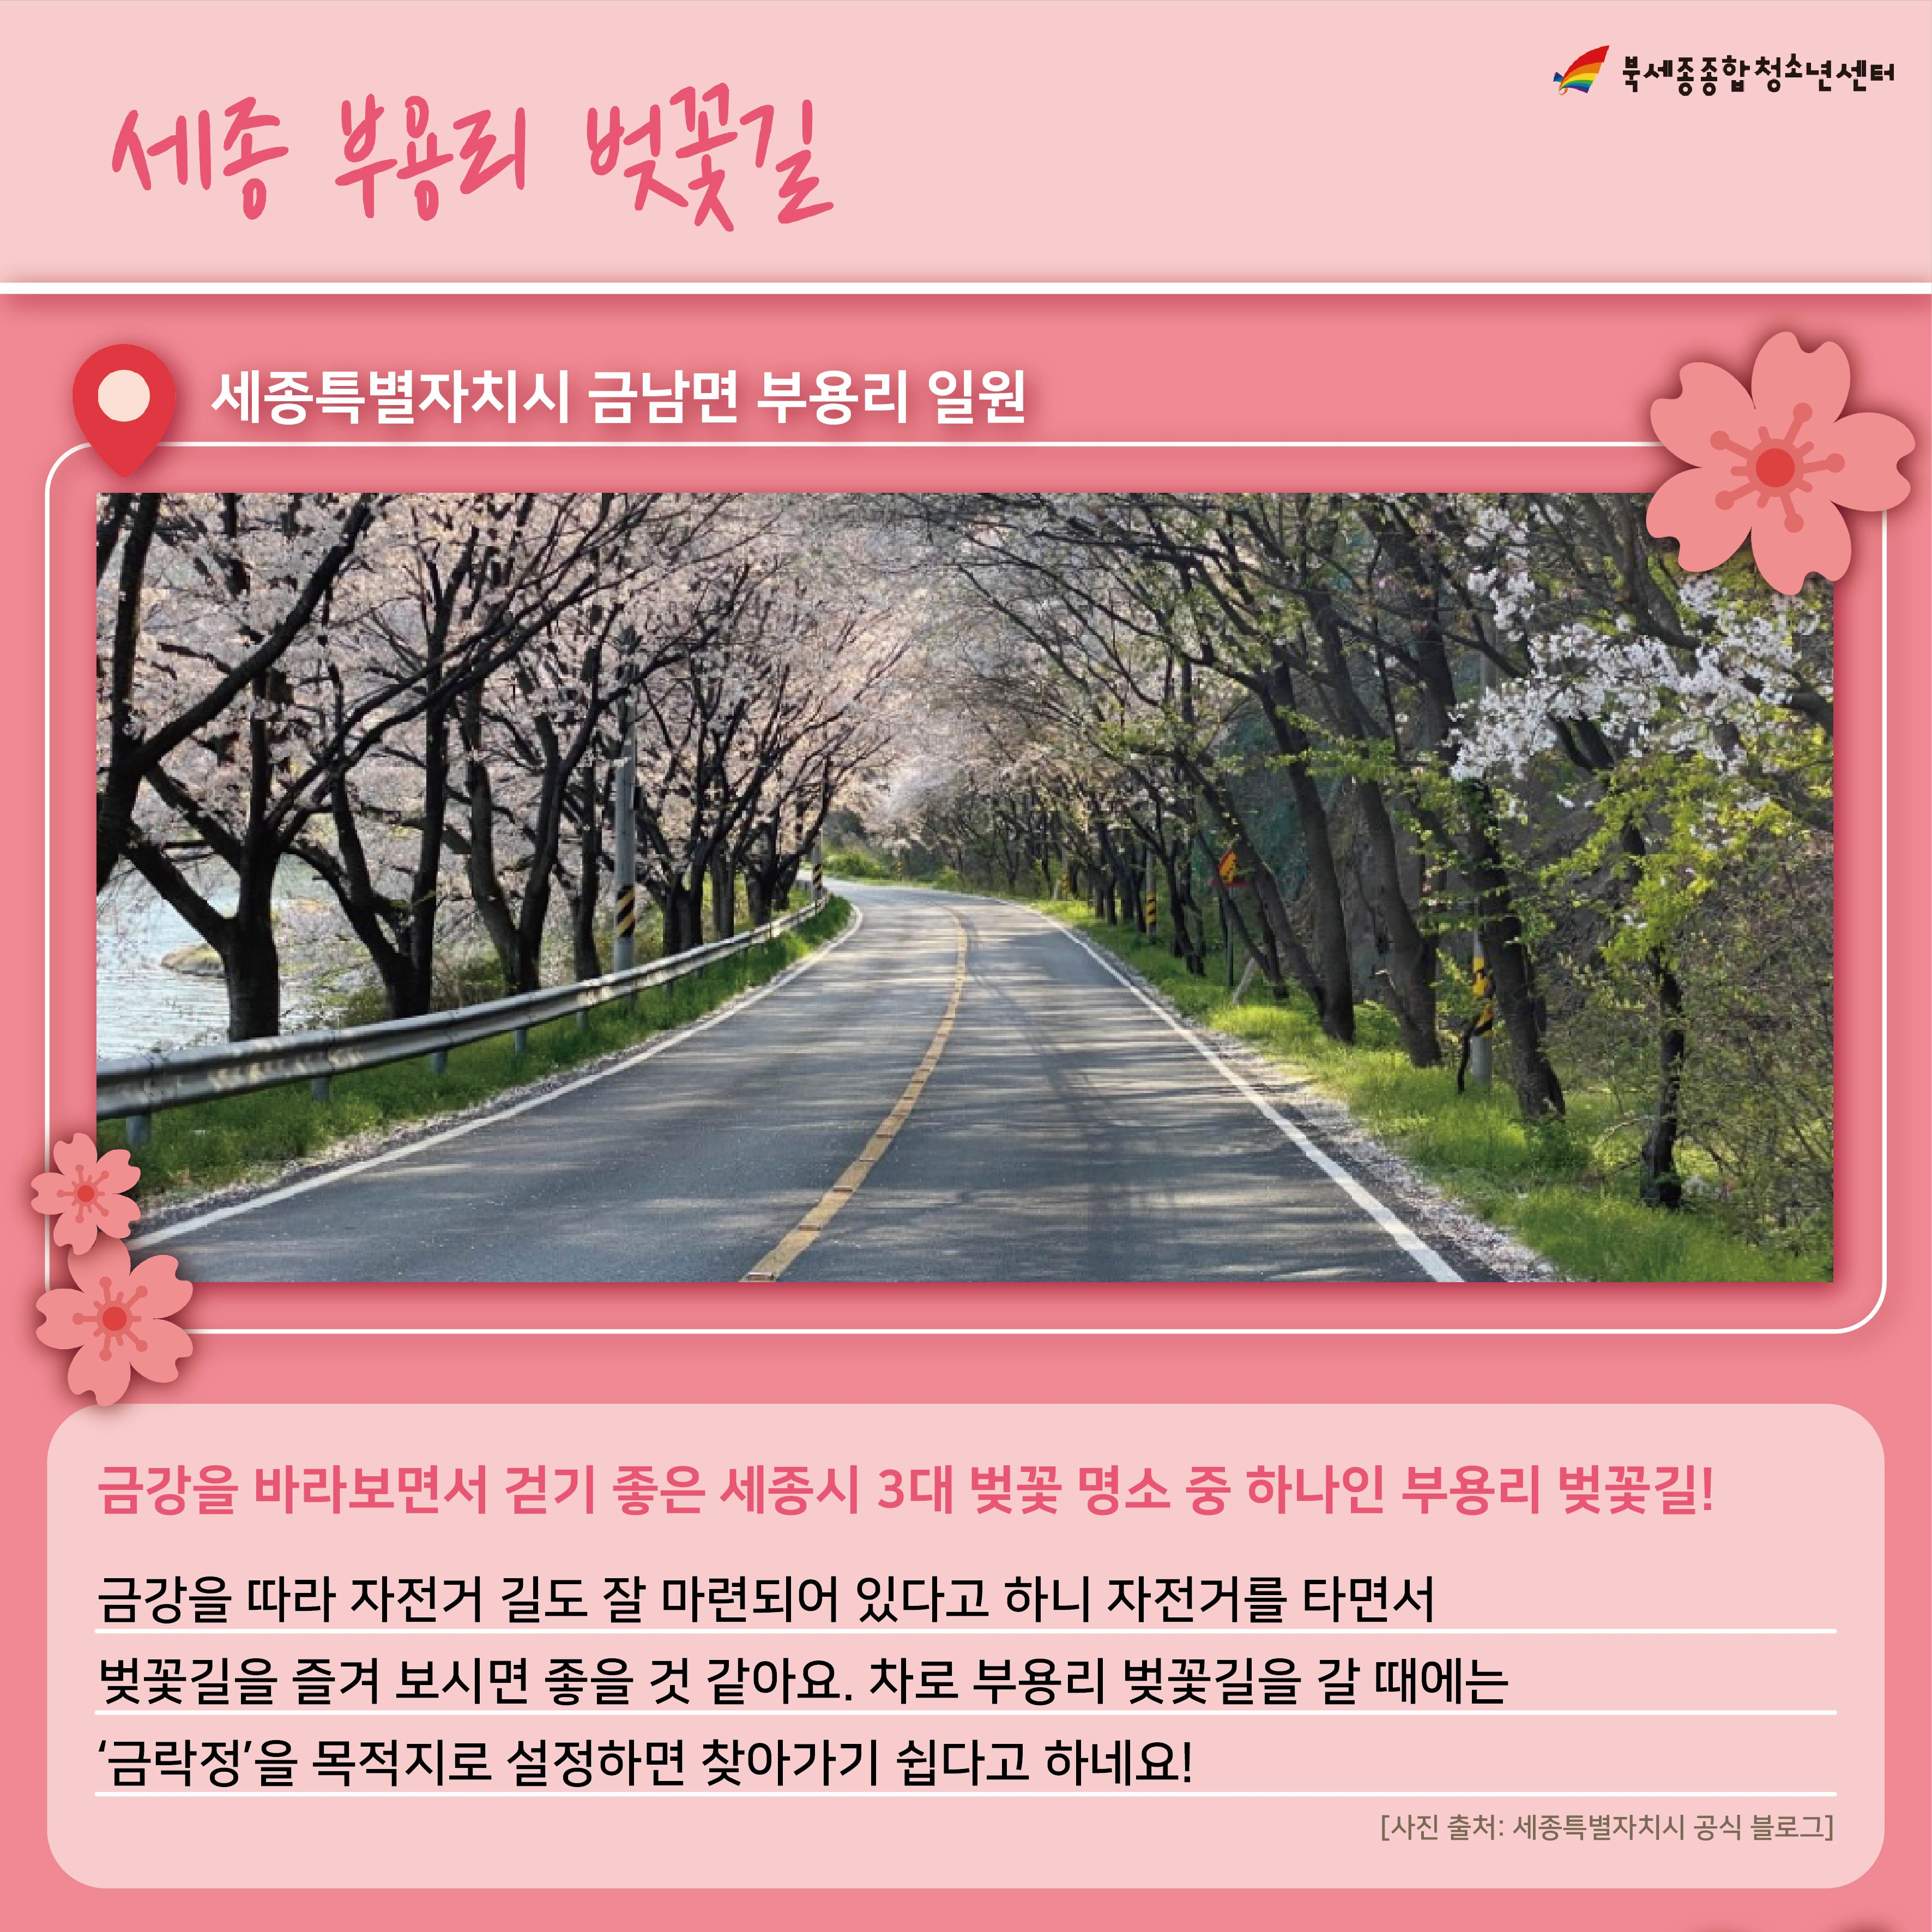 KakaoTalk_20210322_122013980_03.jpg